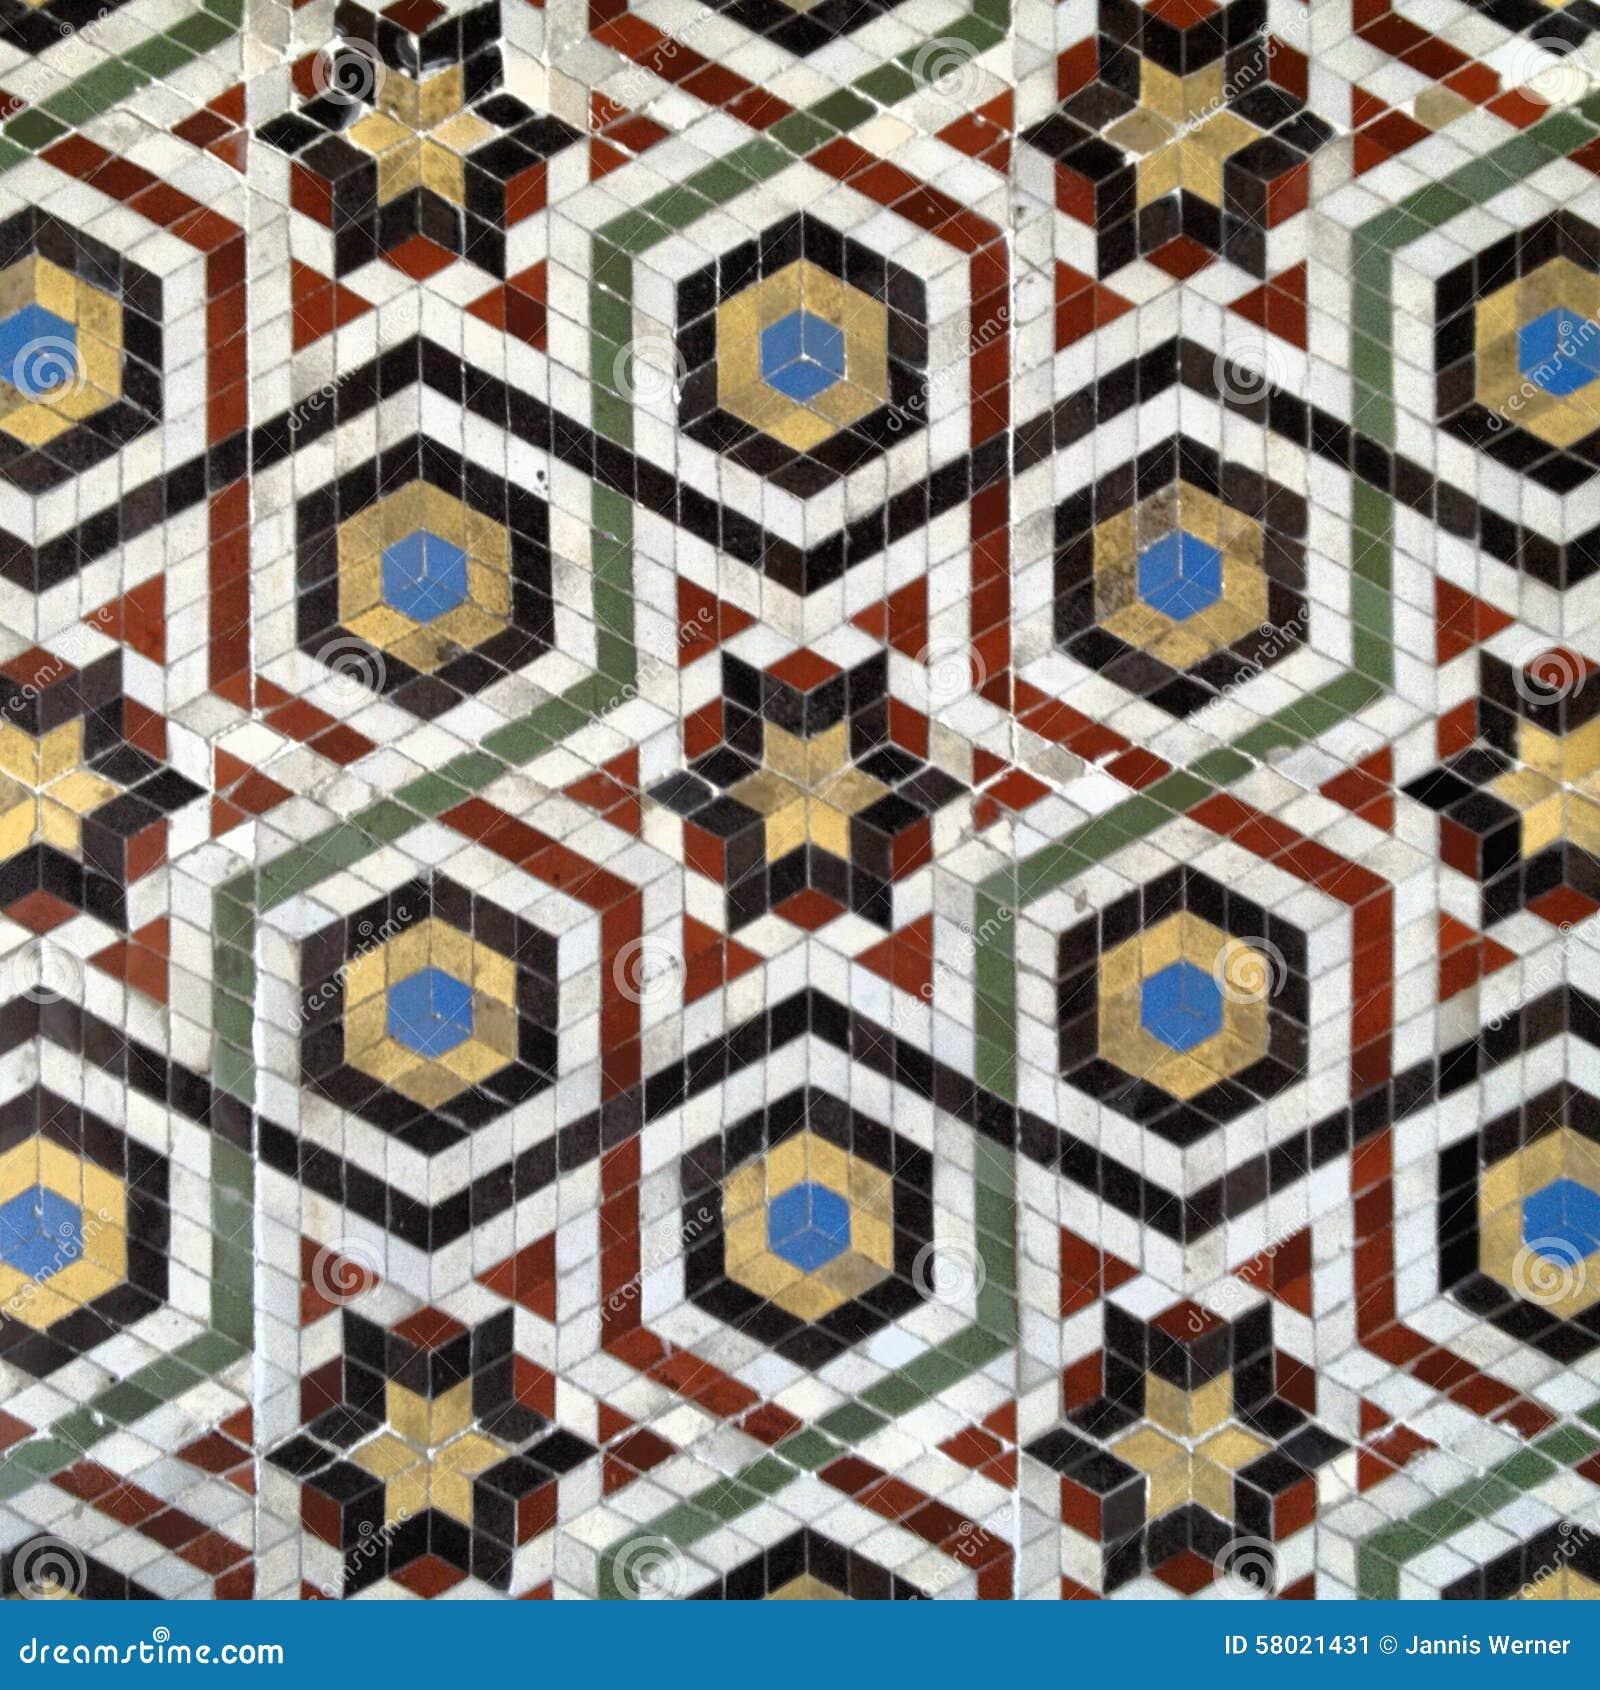 Fliesen Wildes Muster: Mosaik-Fliesen-Muster Stockbild. Bild Von Hintergrund